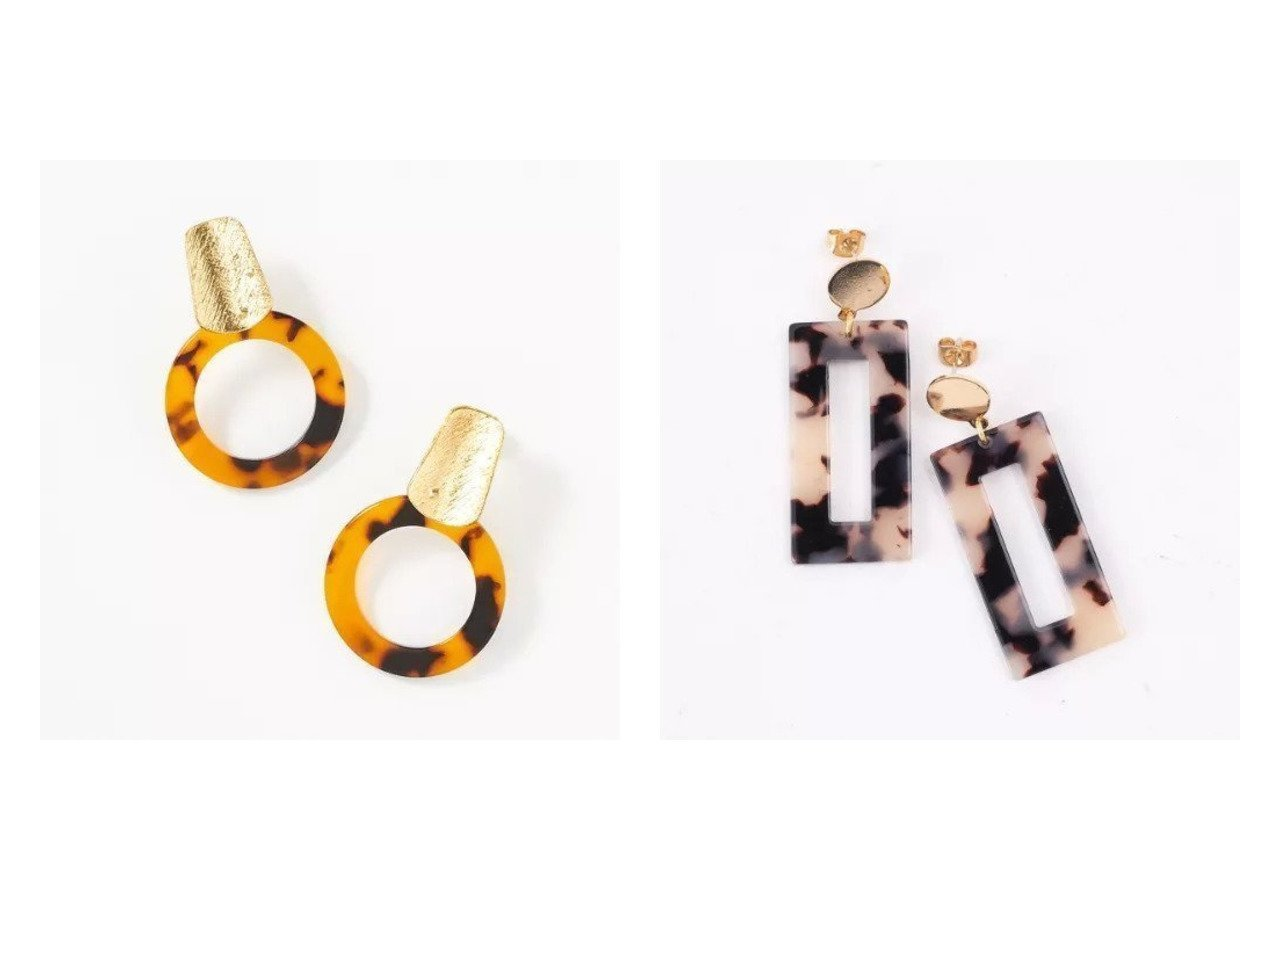 【interstaple/インターステイプル】のニュアンススクエアピアス&サークルピアス アクセサリー・ジュエリーのおすすめ!人気、トレンド・レディースファッションの通販 おすすめで人気の流行・トレンド、ファッションの通販商品 メンズファッション・キッズファッション・インテリア・家具・レディースファッション・服の通販 founy(ファニー) https://founy.com/ ファッション Fashion レディースファッション WOMEN アクセサリー サークル フェミニン レオパード 春 Spring スクエア スタイリッシュ |ID:crp329100000012113